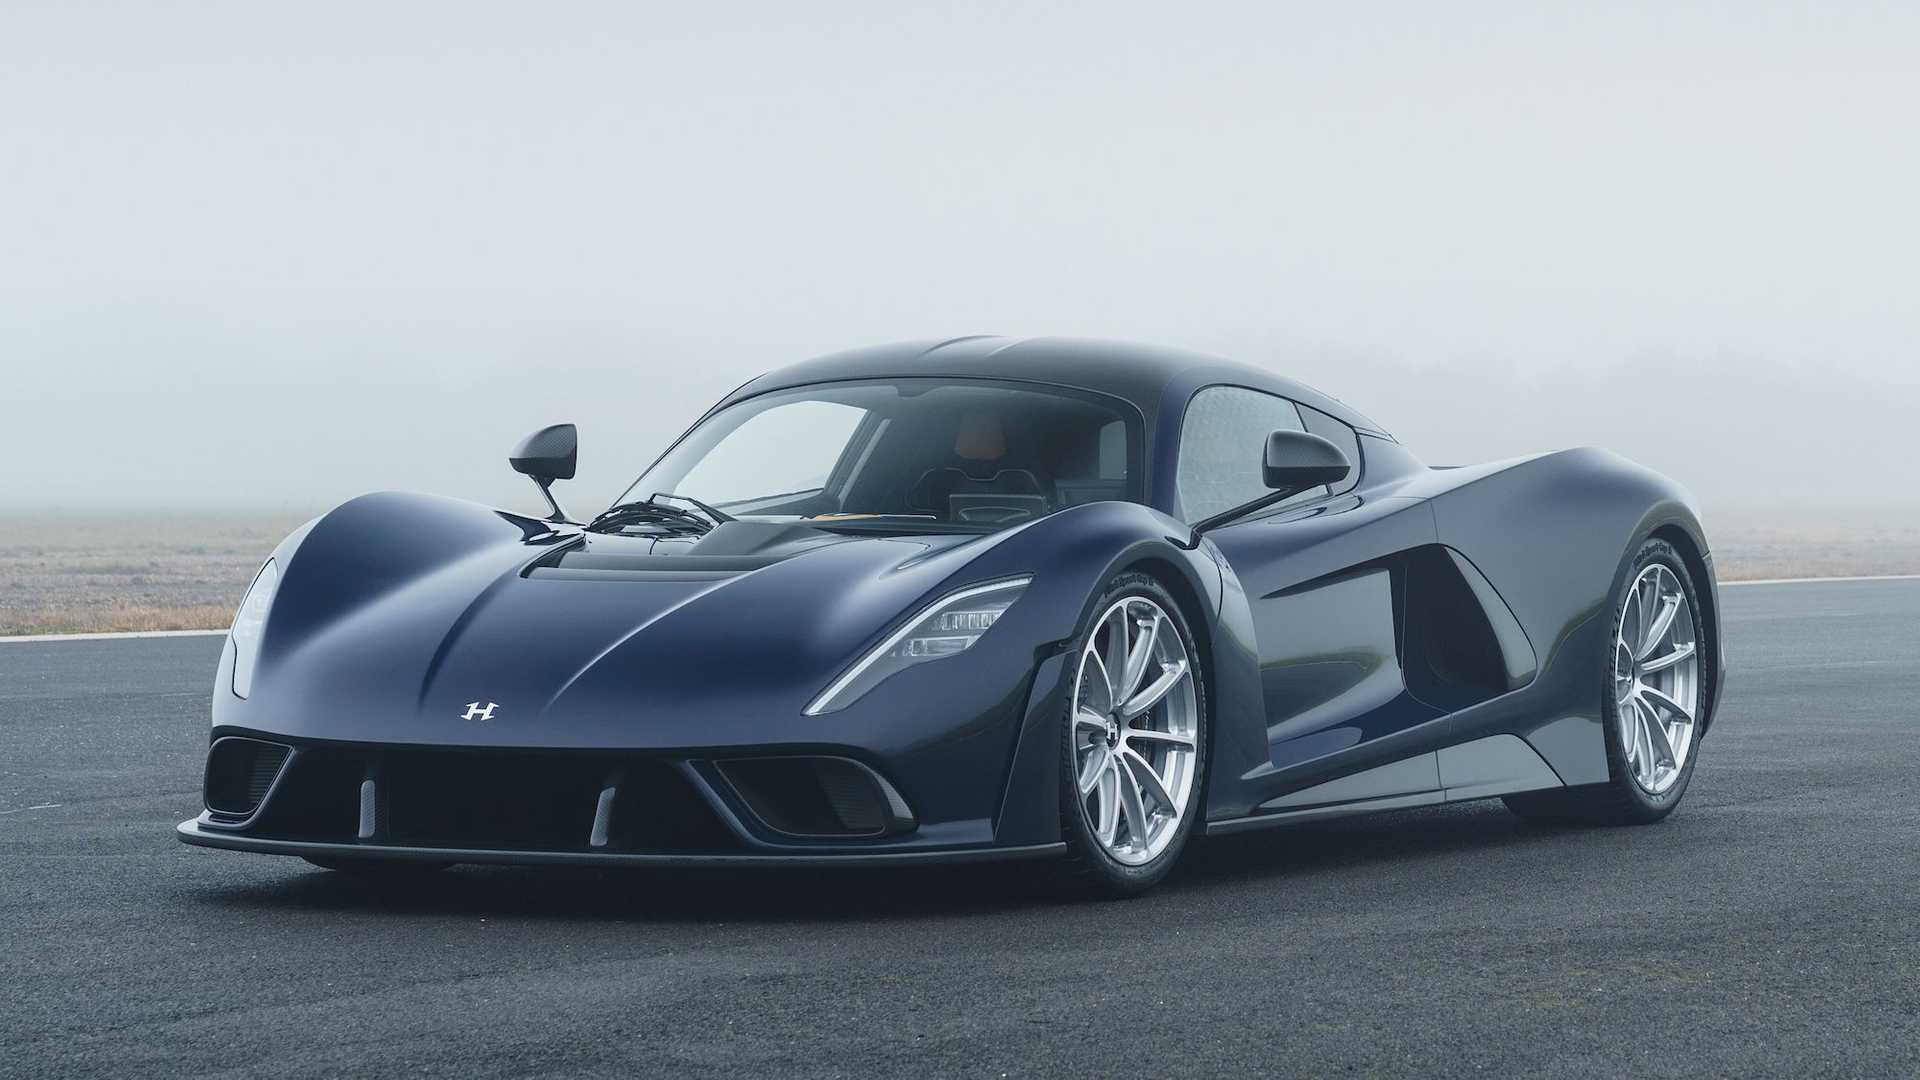 Гиперкар Hennessey Venom F5 рассекречен: разгоняется до 500 км/ч и стоит 154 млн рублей